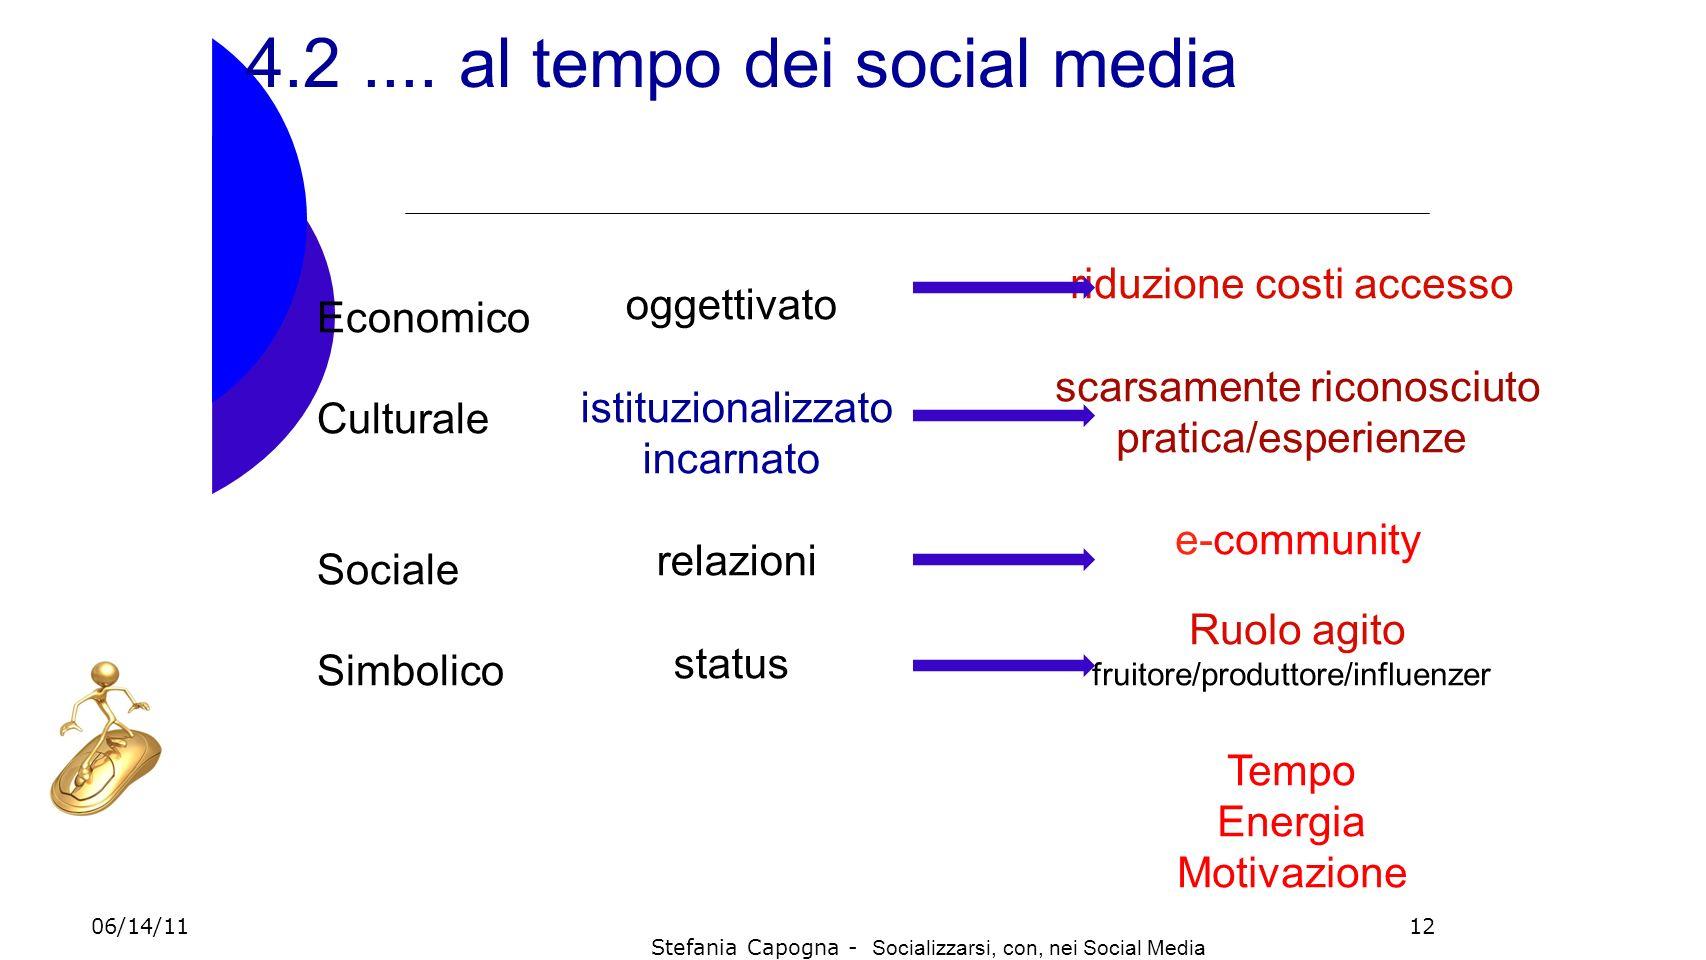 12 4.2.... al tempo dei social media Economico Culturale Sociale Simbolico oggettivato istituzionalizzato incarnato relazioni status riduzione costi a